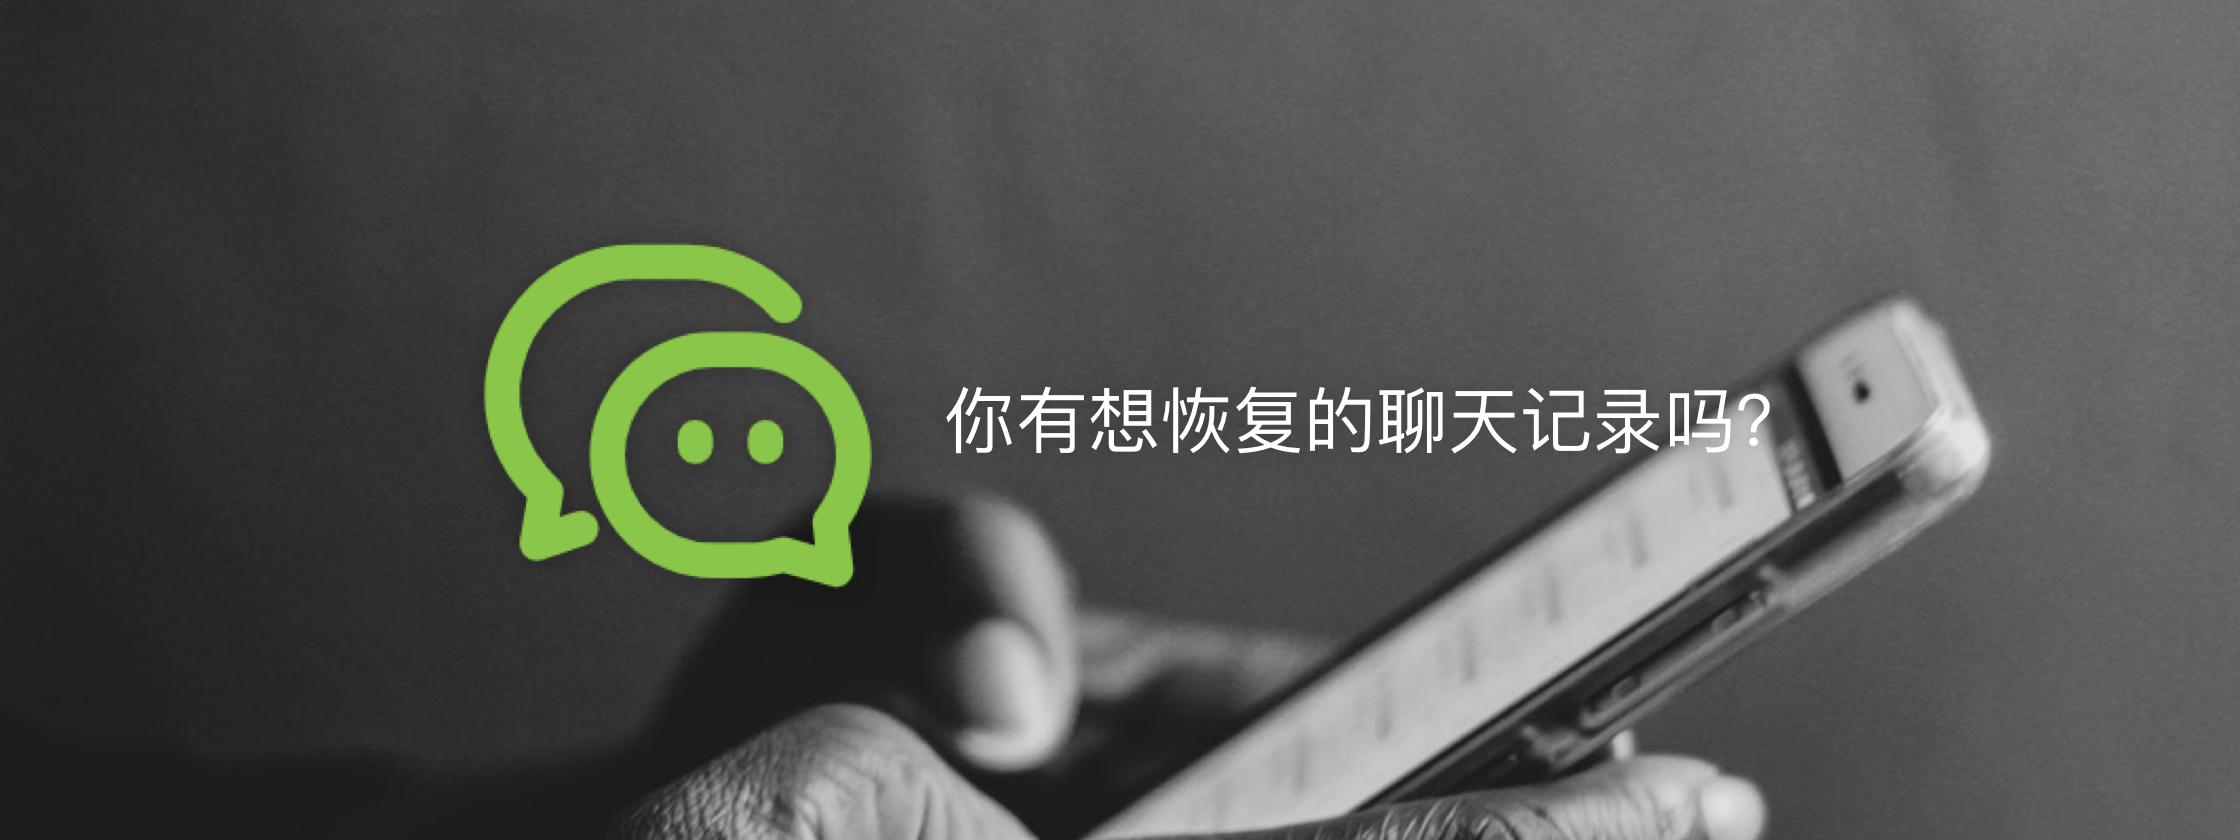 你有想恢复的微信聊天记录吗?